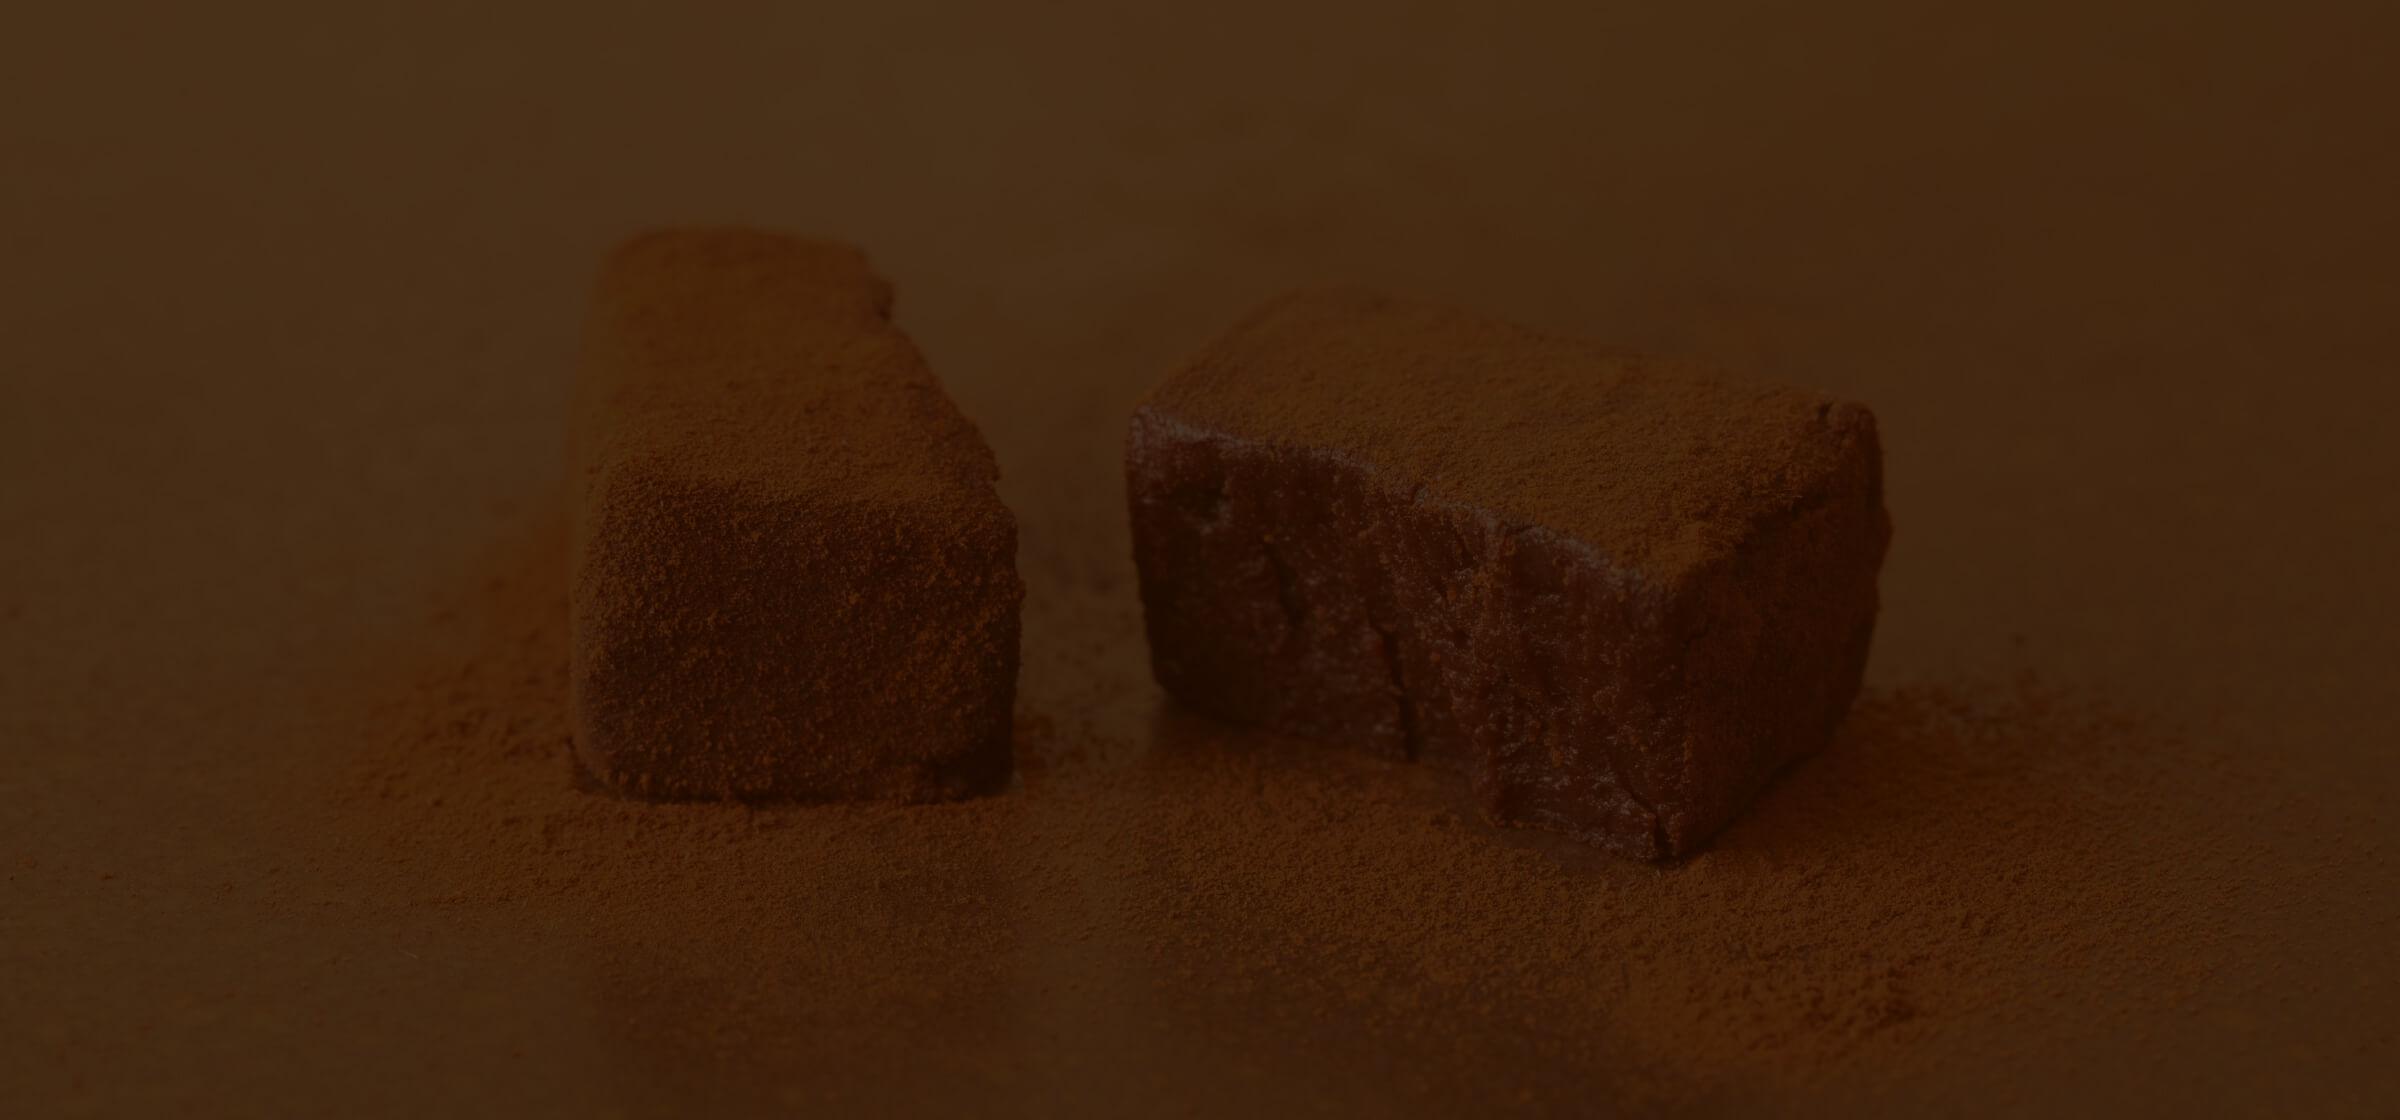 Dari K(ダリケー)の主力商品「生チョコレート」